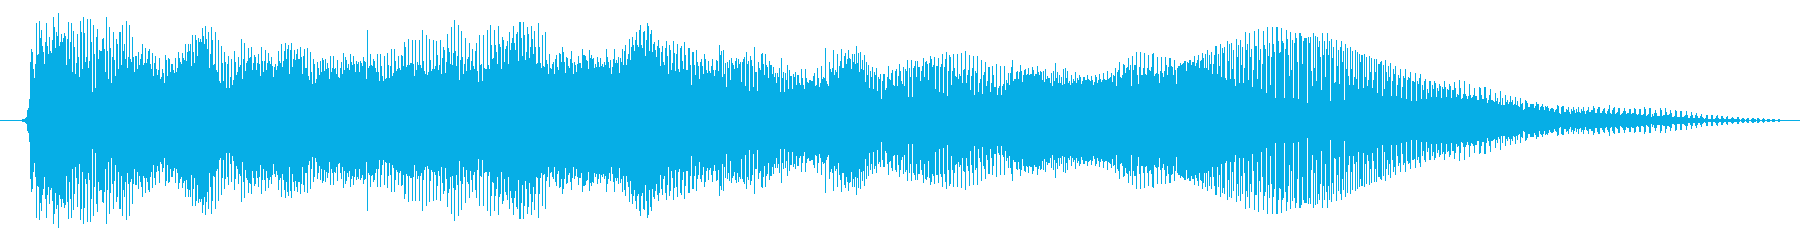 エレクトリックギター:曲げパワーコードの再生済みの波形